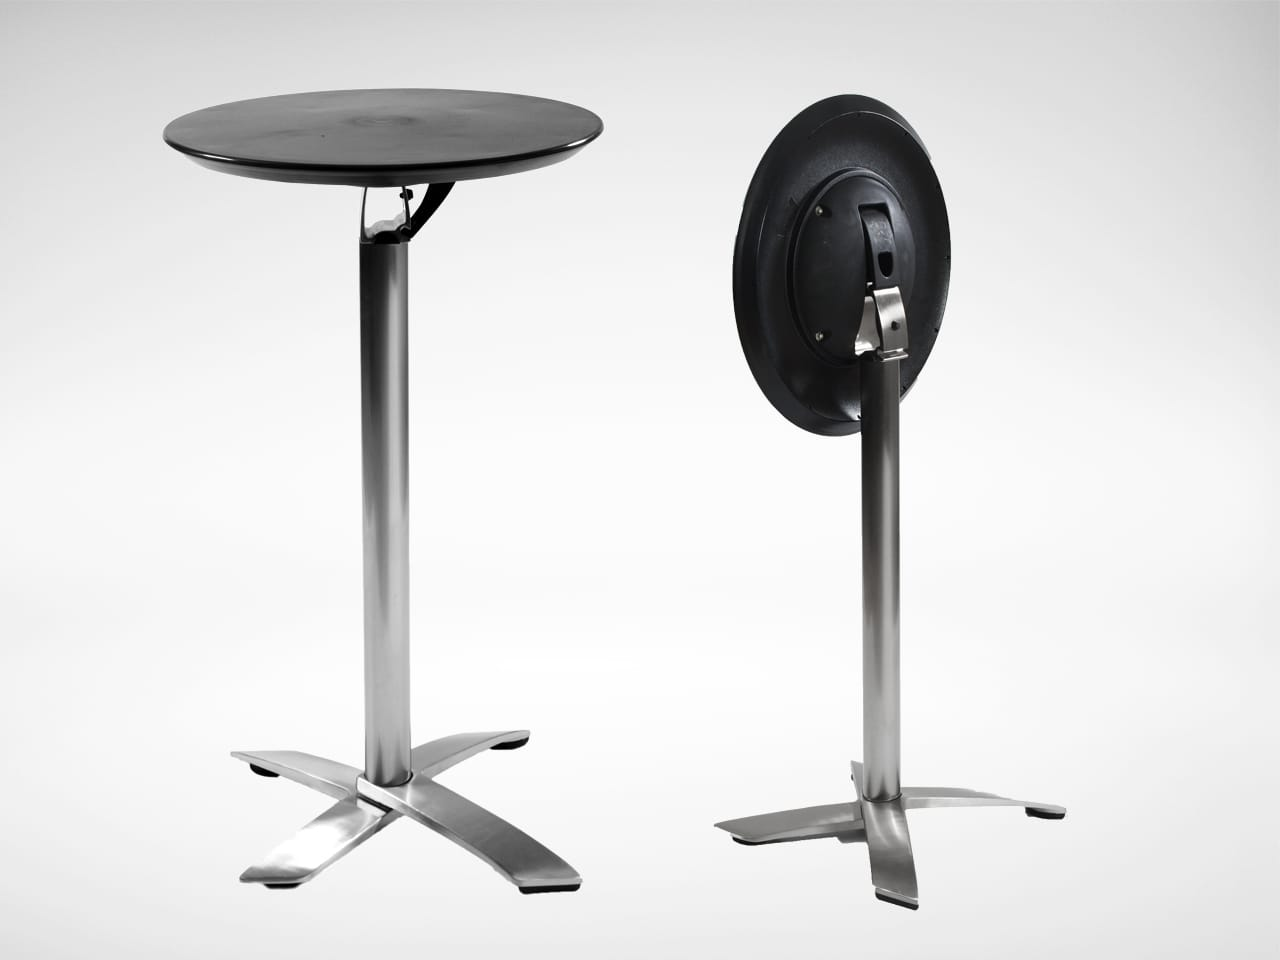 Alton Folding High Table Round 600